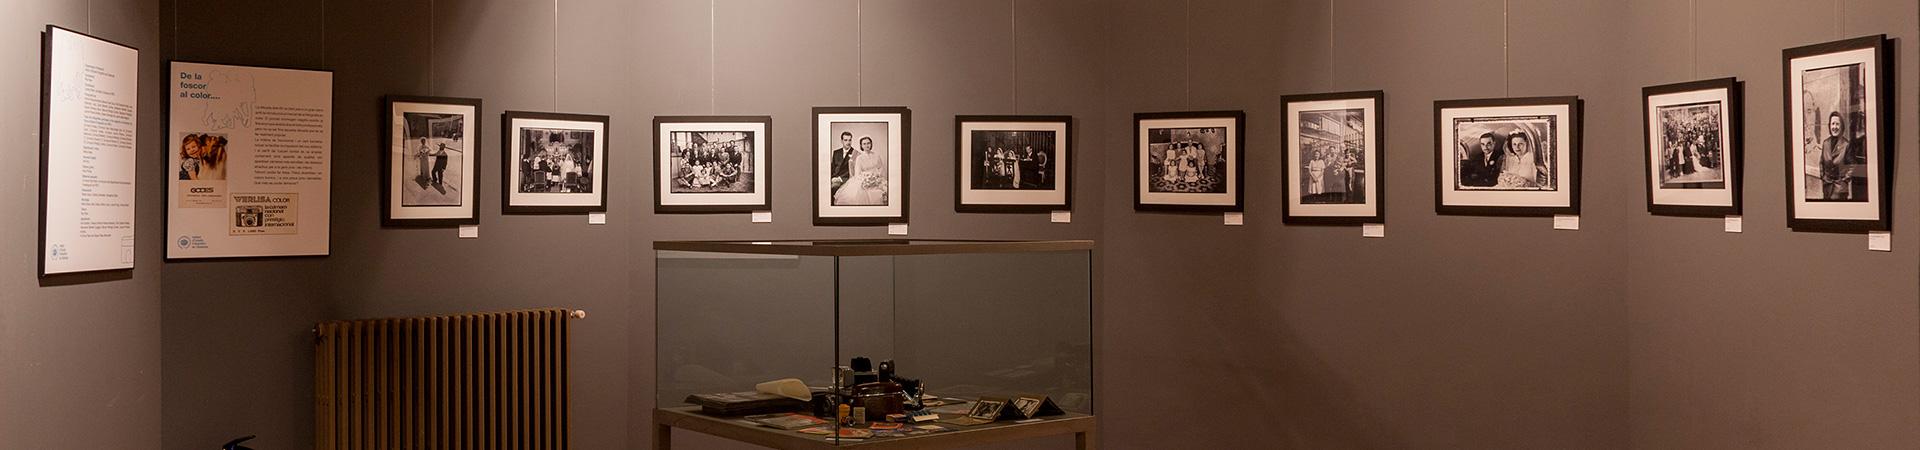 Exposició Fotos en família